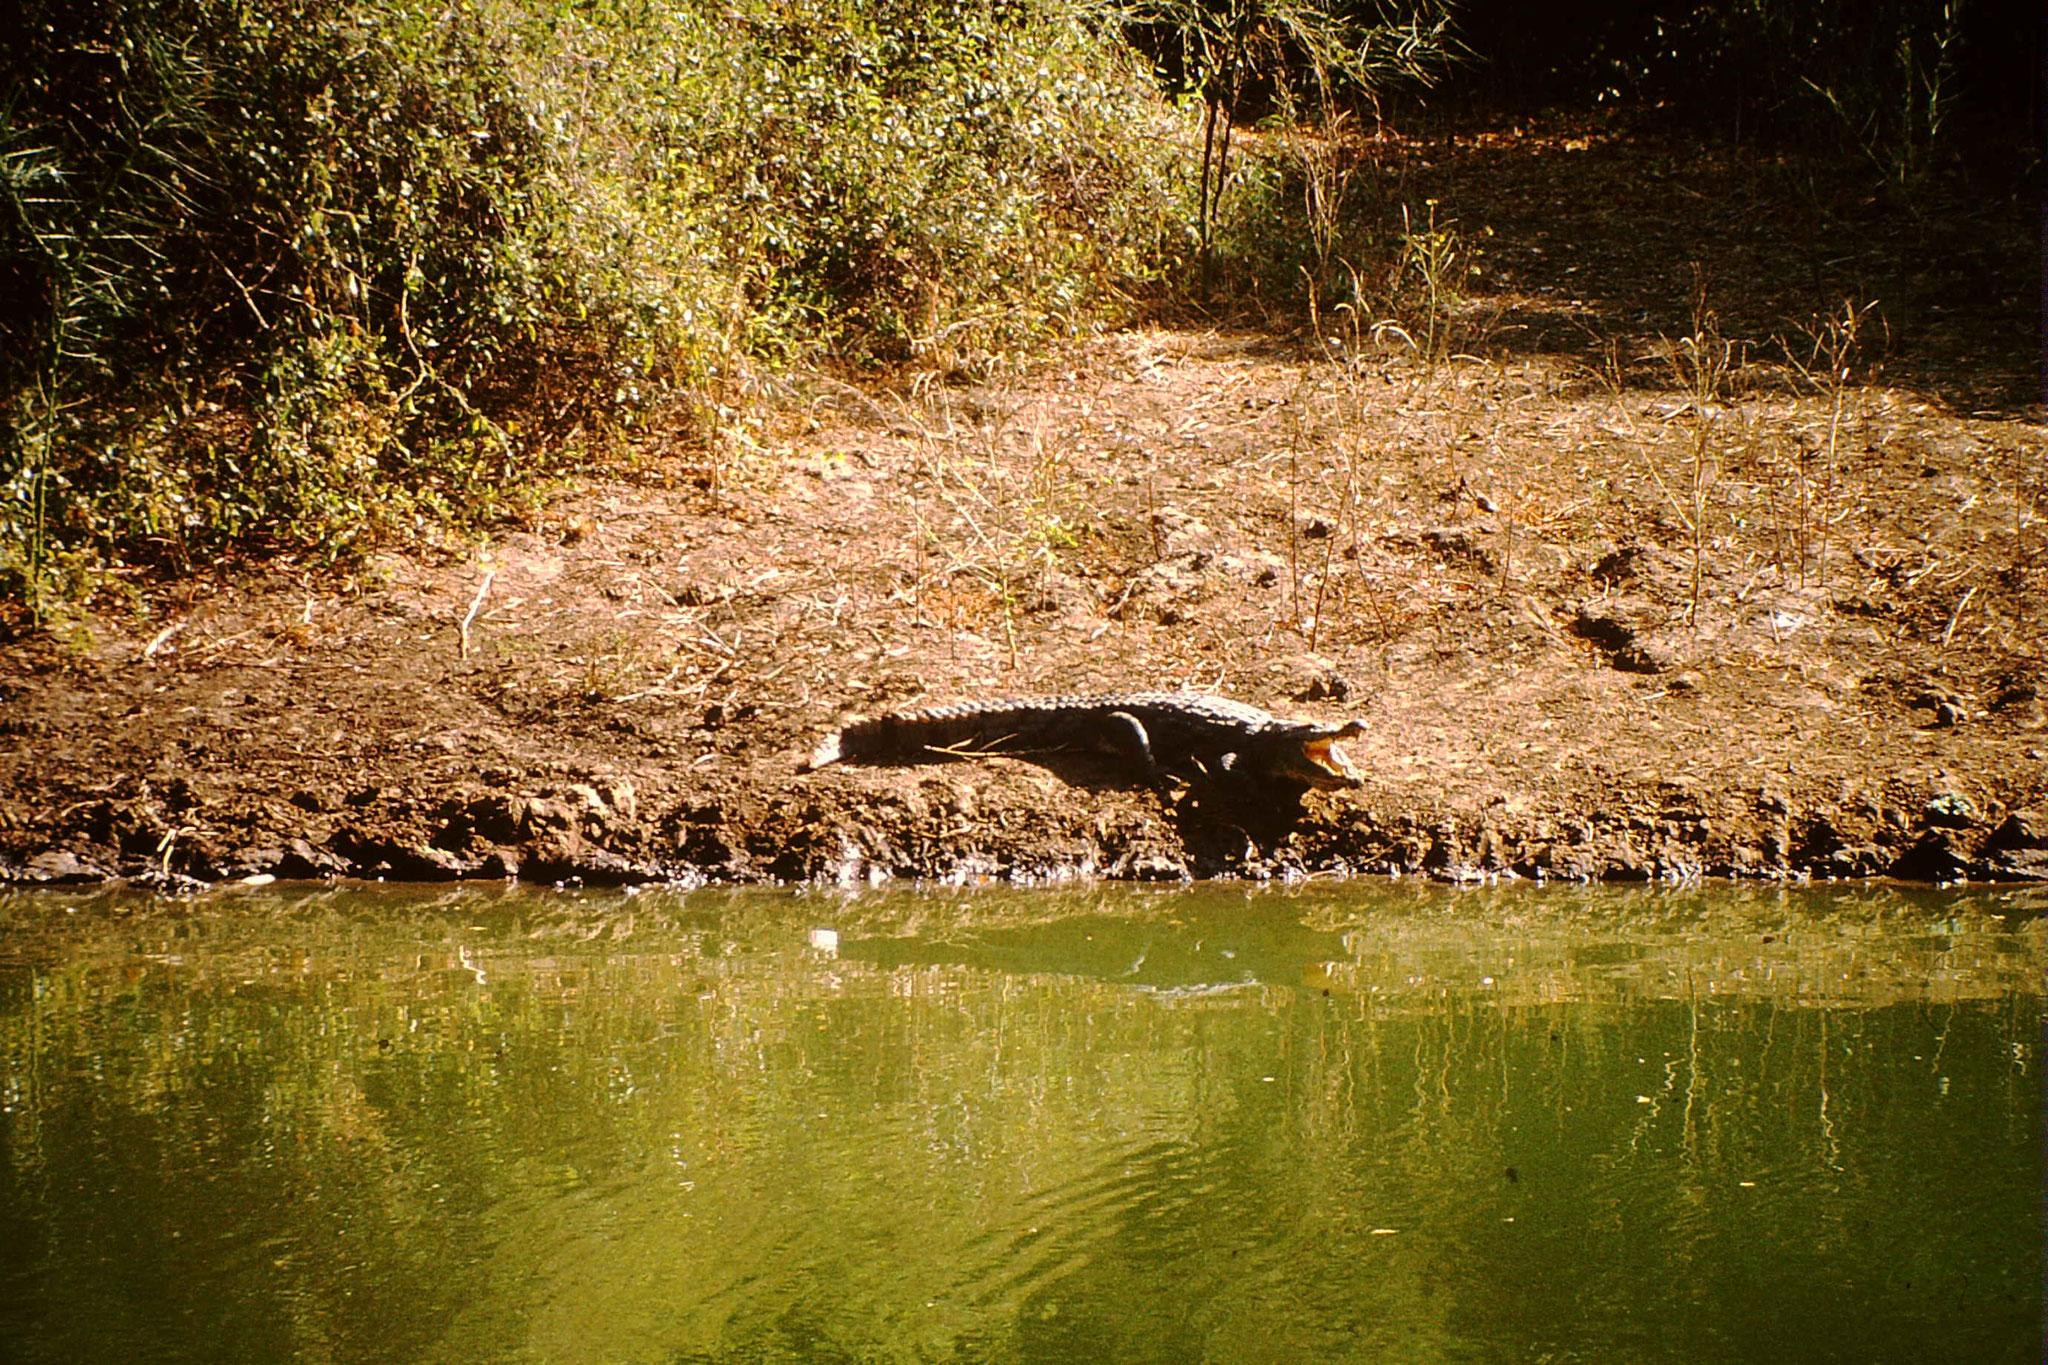 Krokodil.